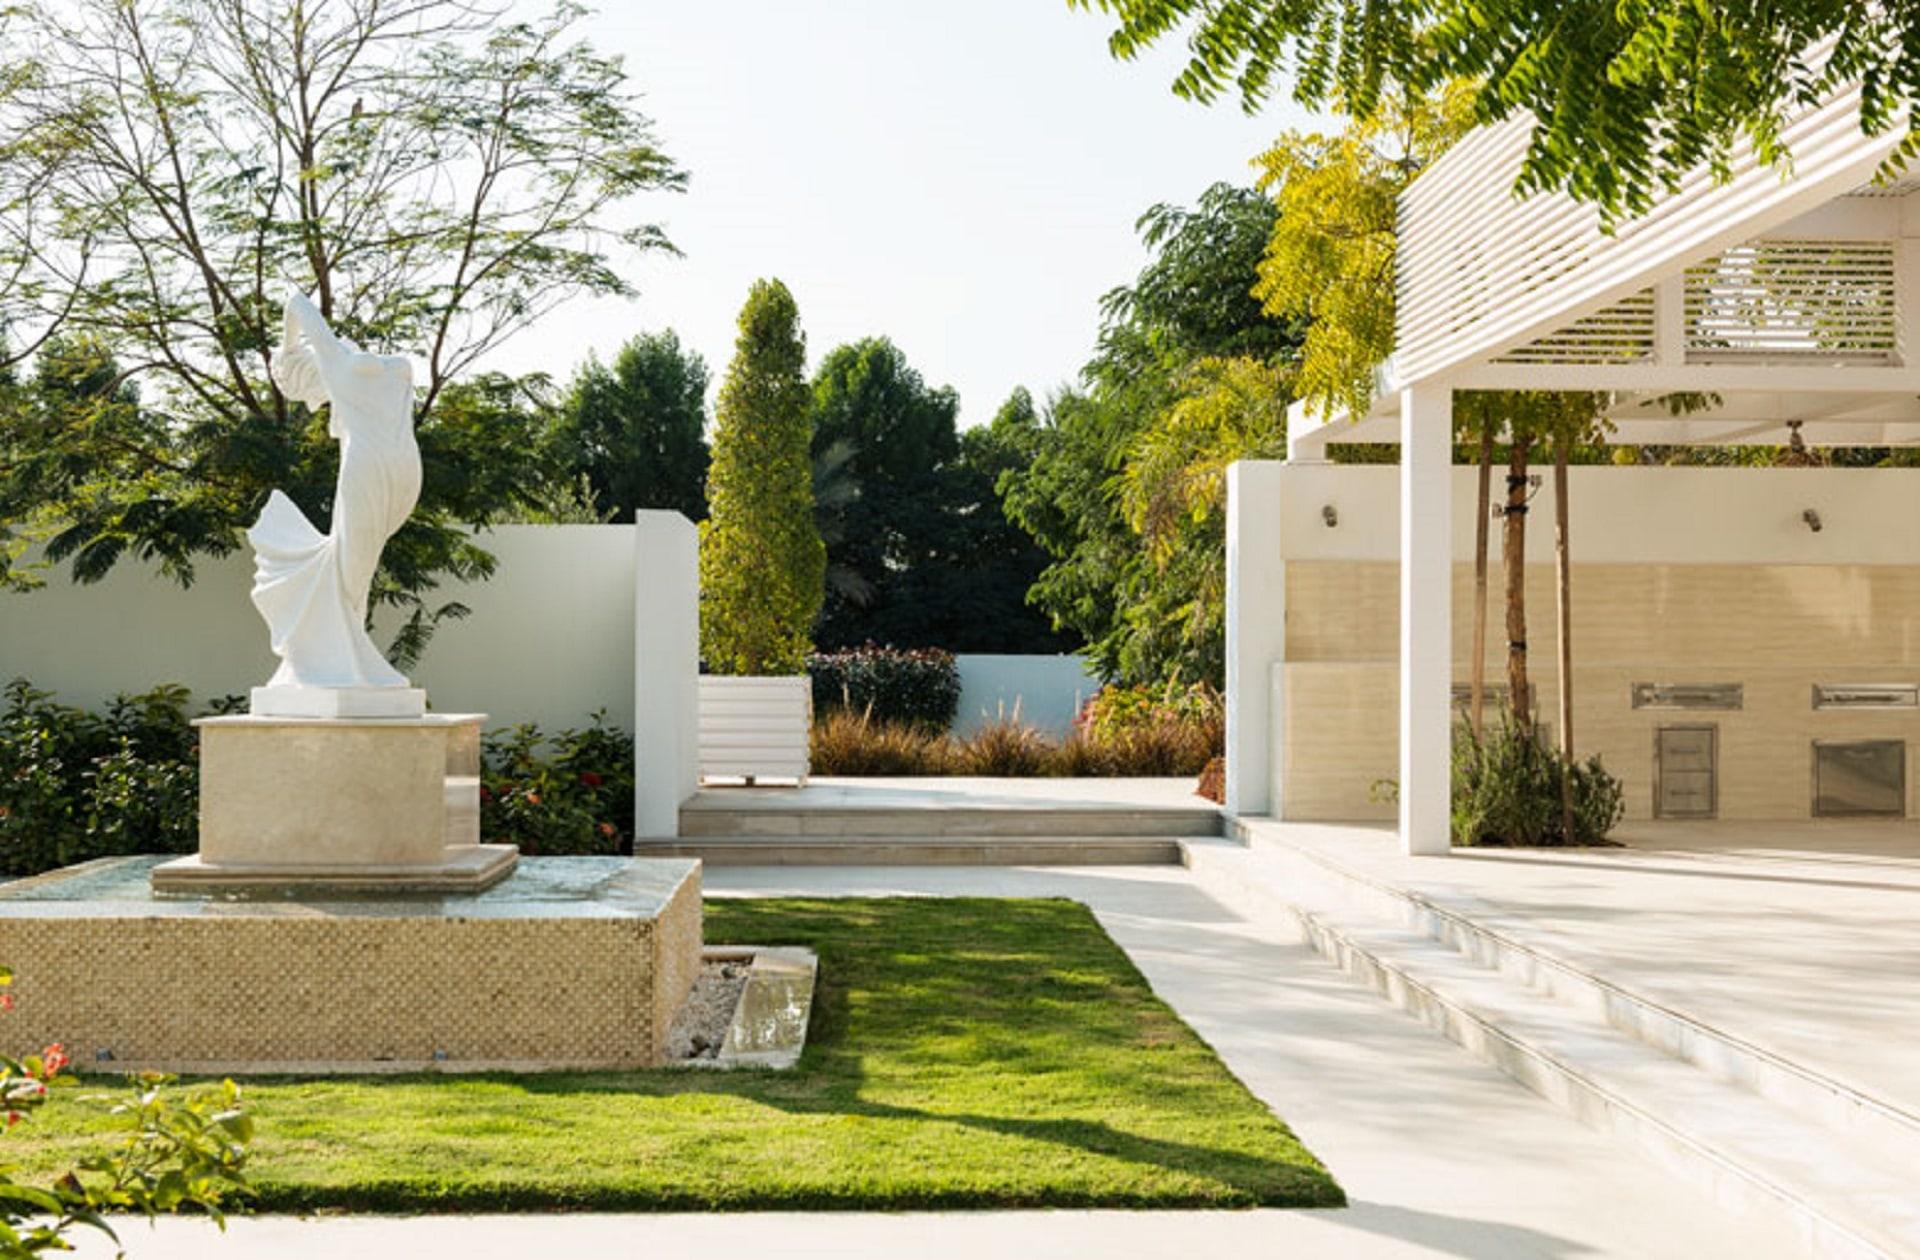 Progettazione giardini come fare idee costi per for Progetti di giardini